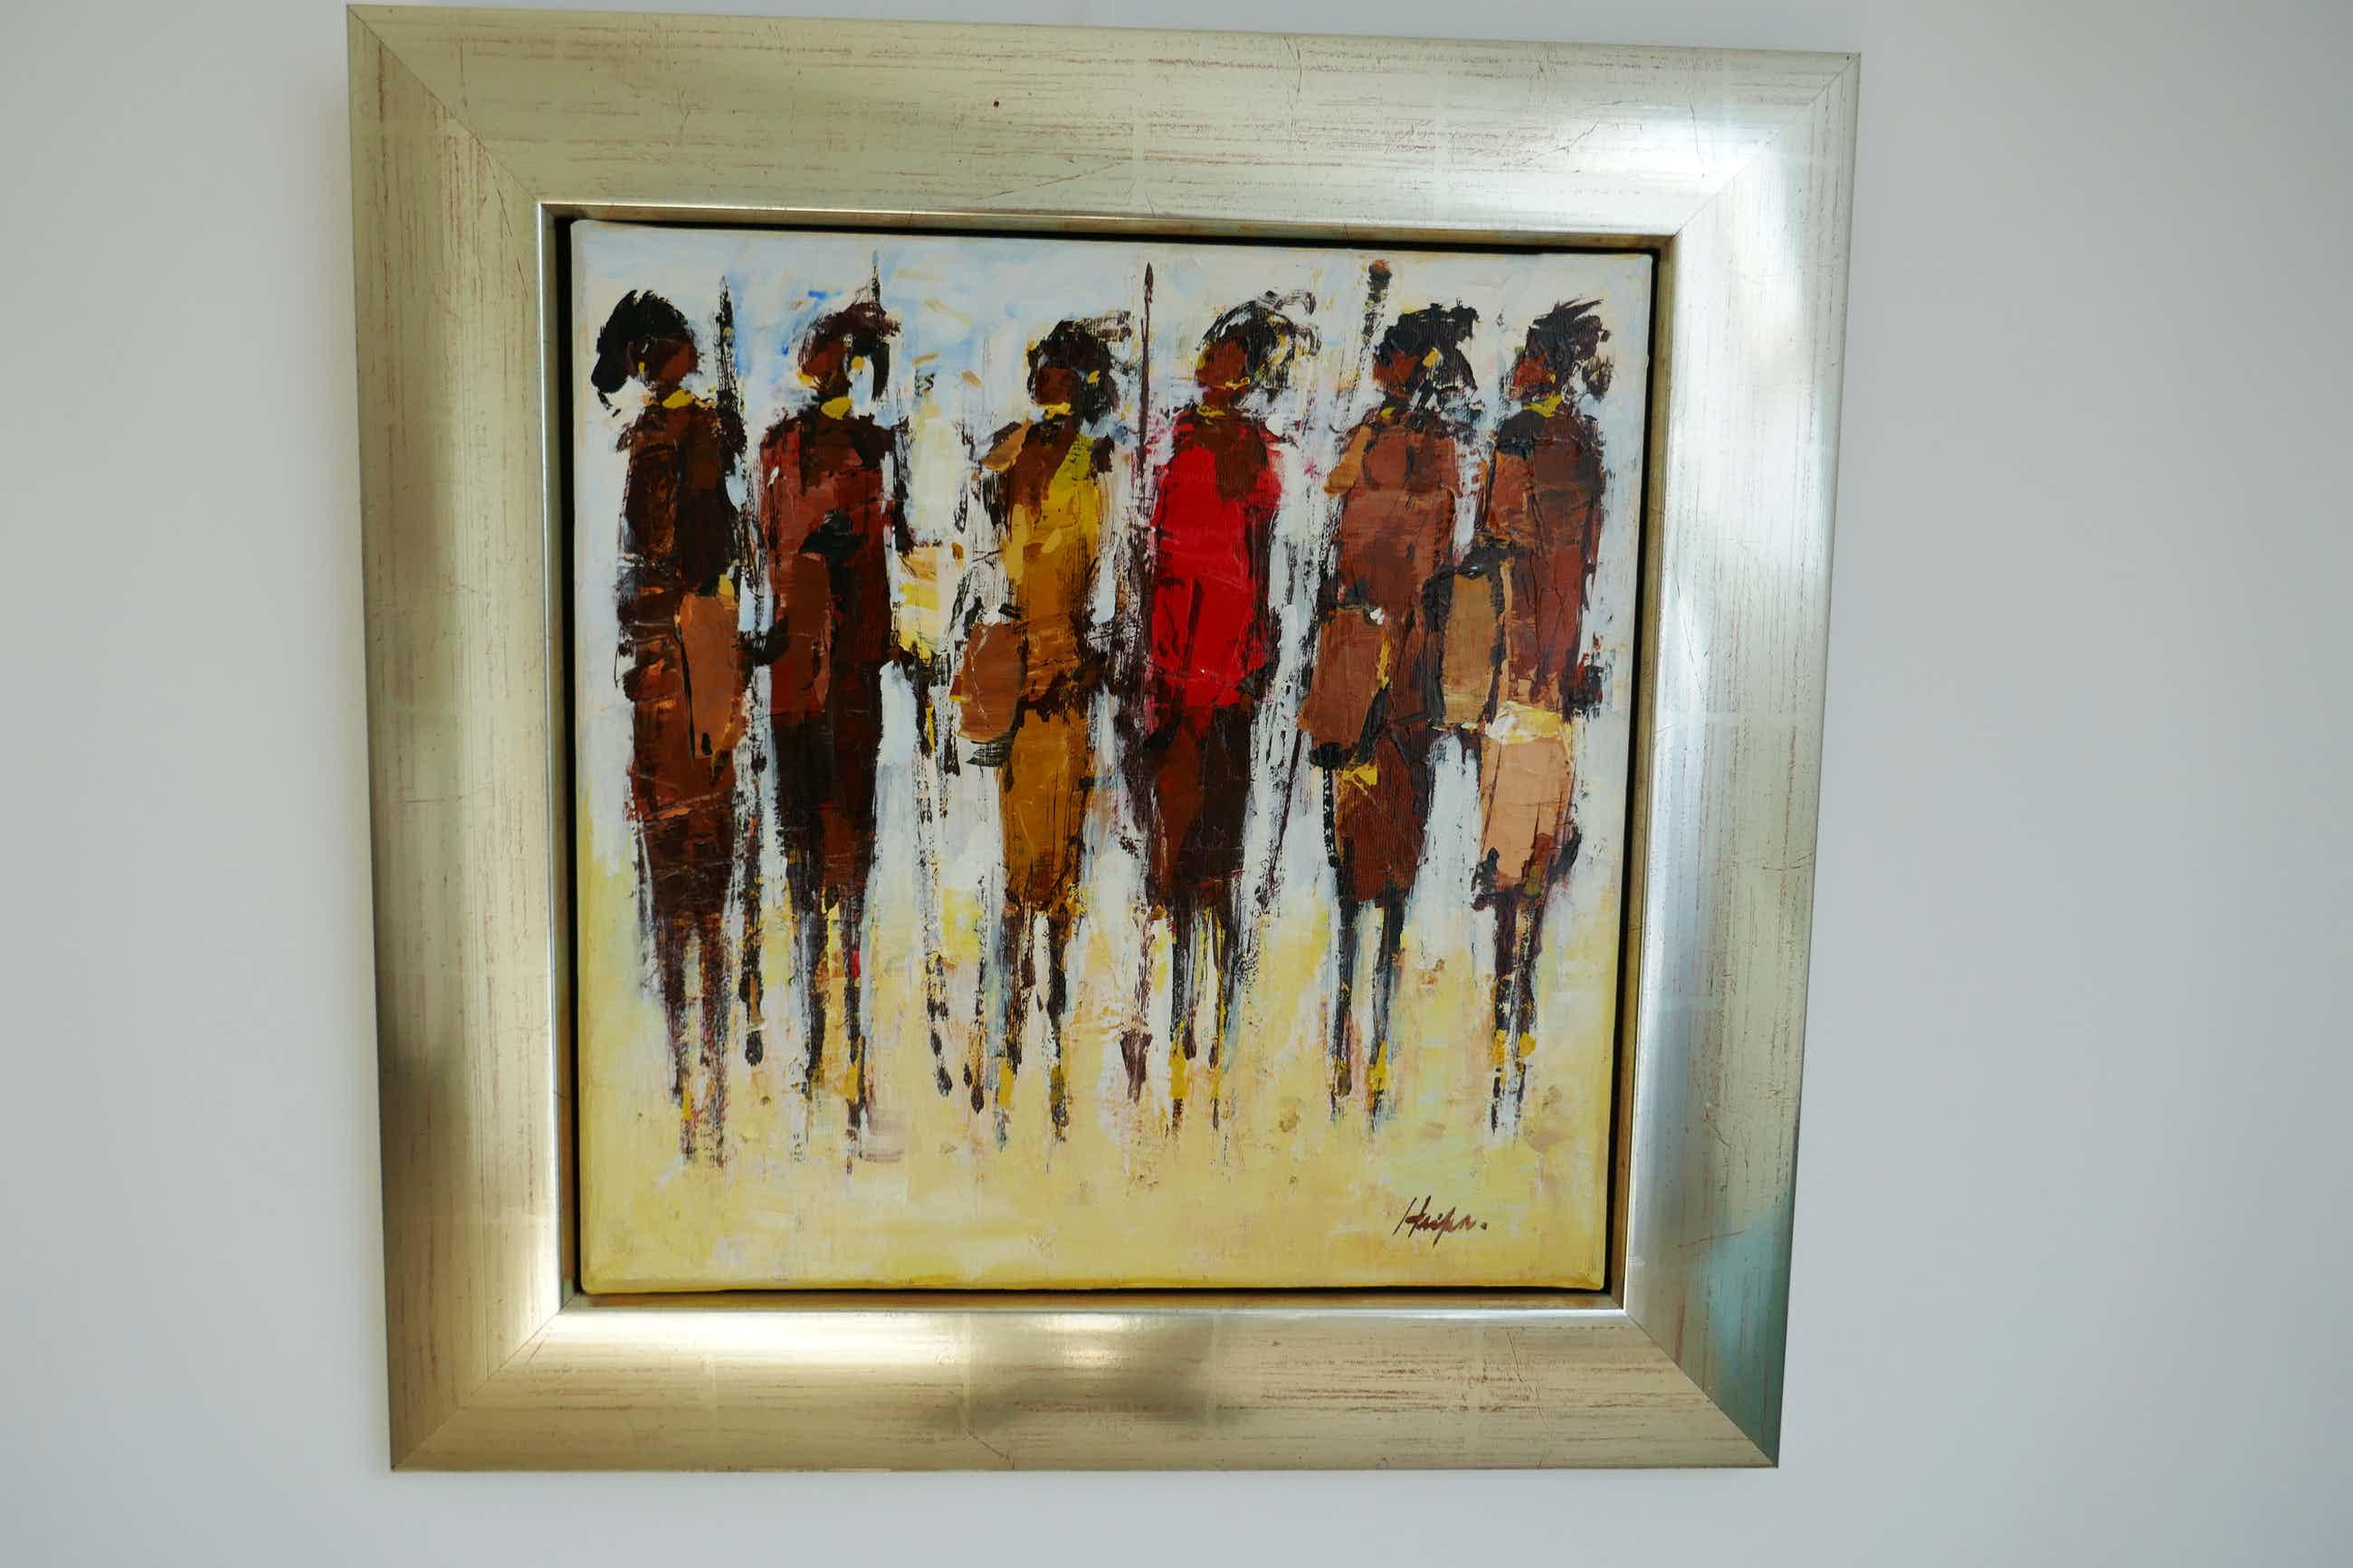 Frans van der Heide - Onbekend waarschijnlijk zijn de figuren Massai kopen? Bied vanaf 150!